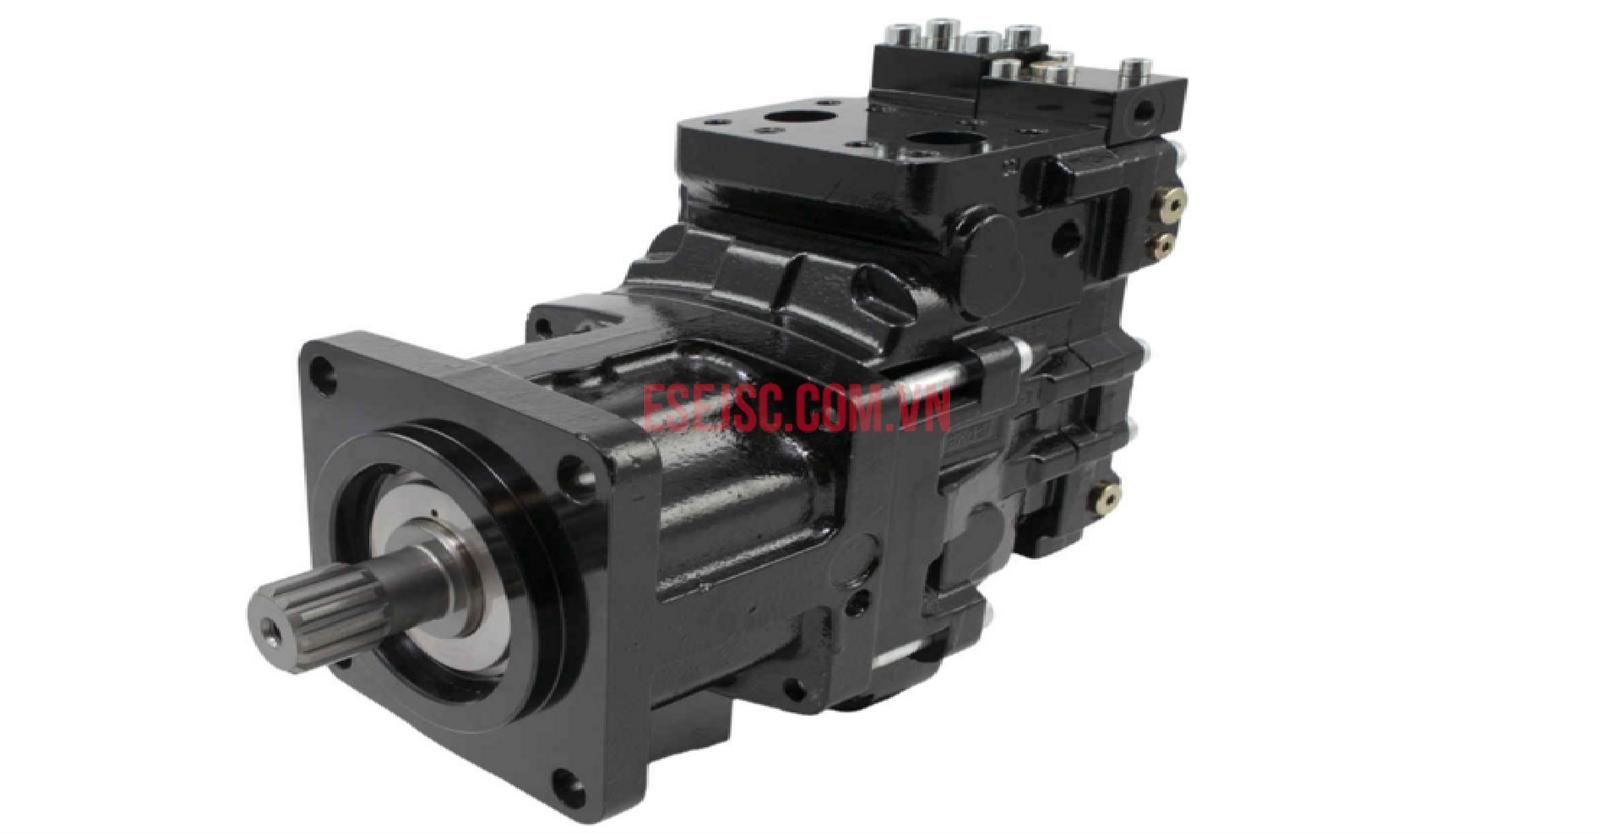 Motor hướng trục piston có dung tích thay đổi - SERIES V14